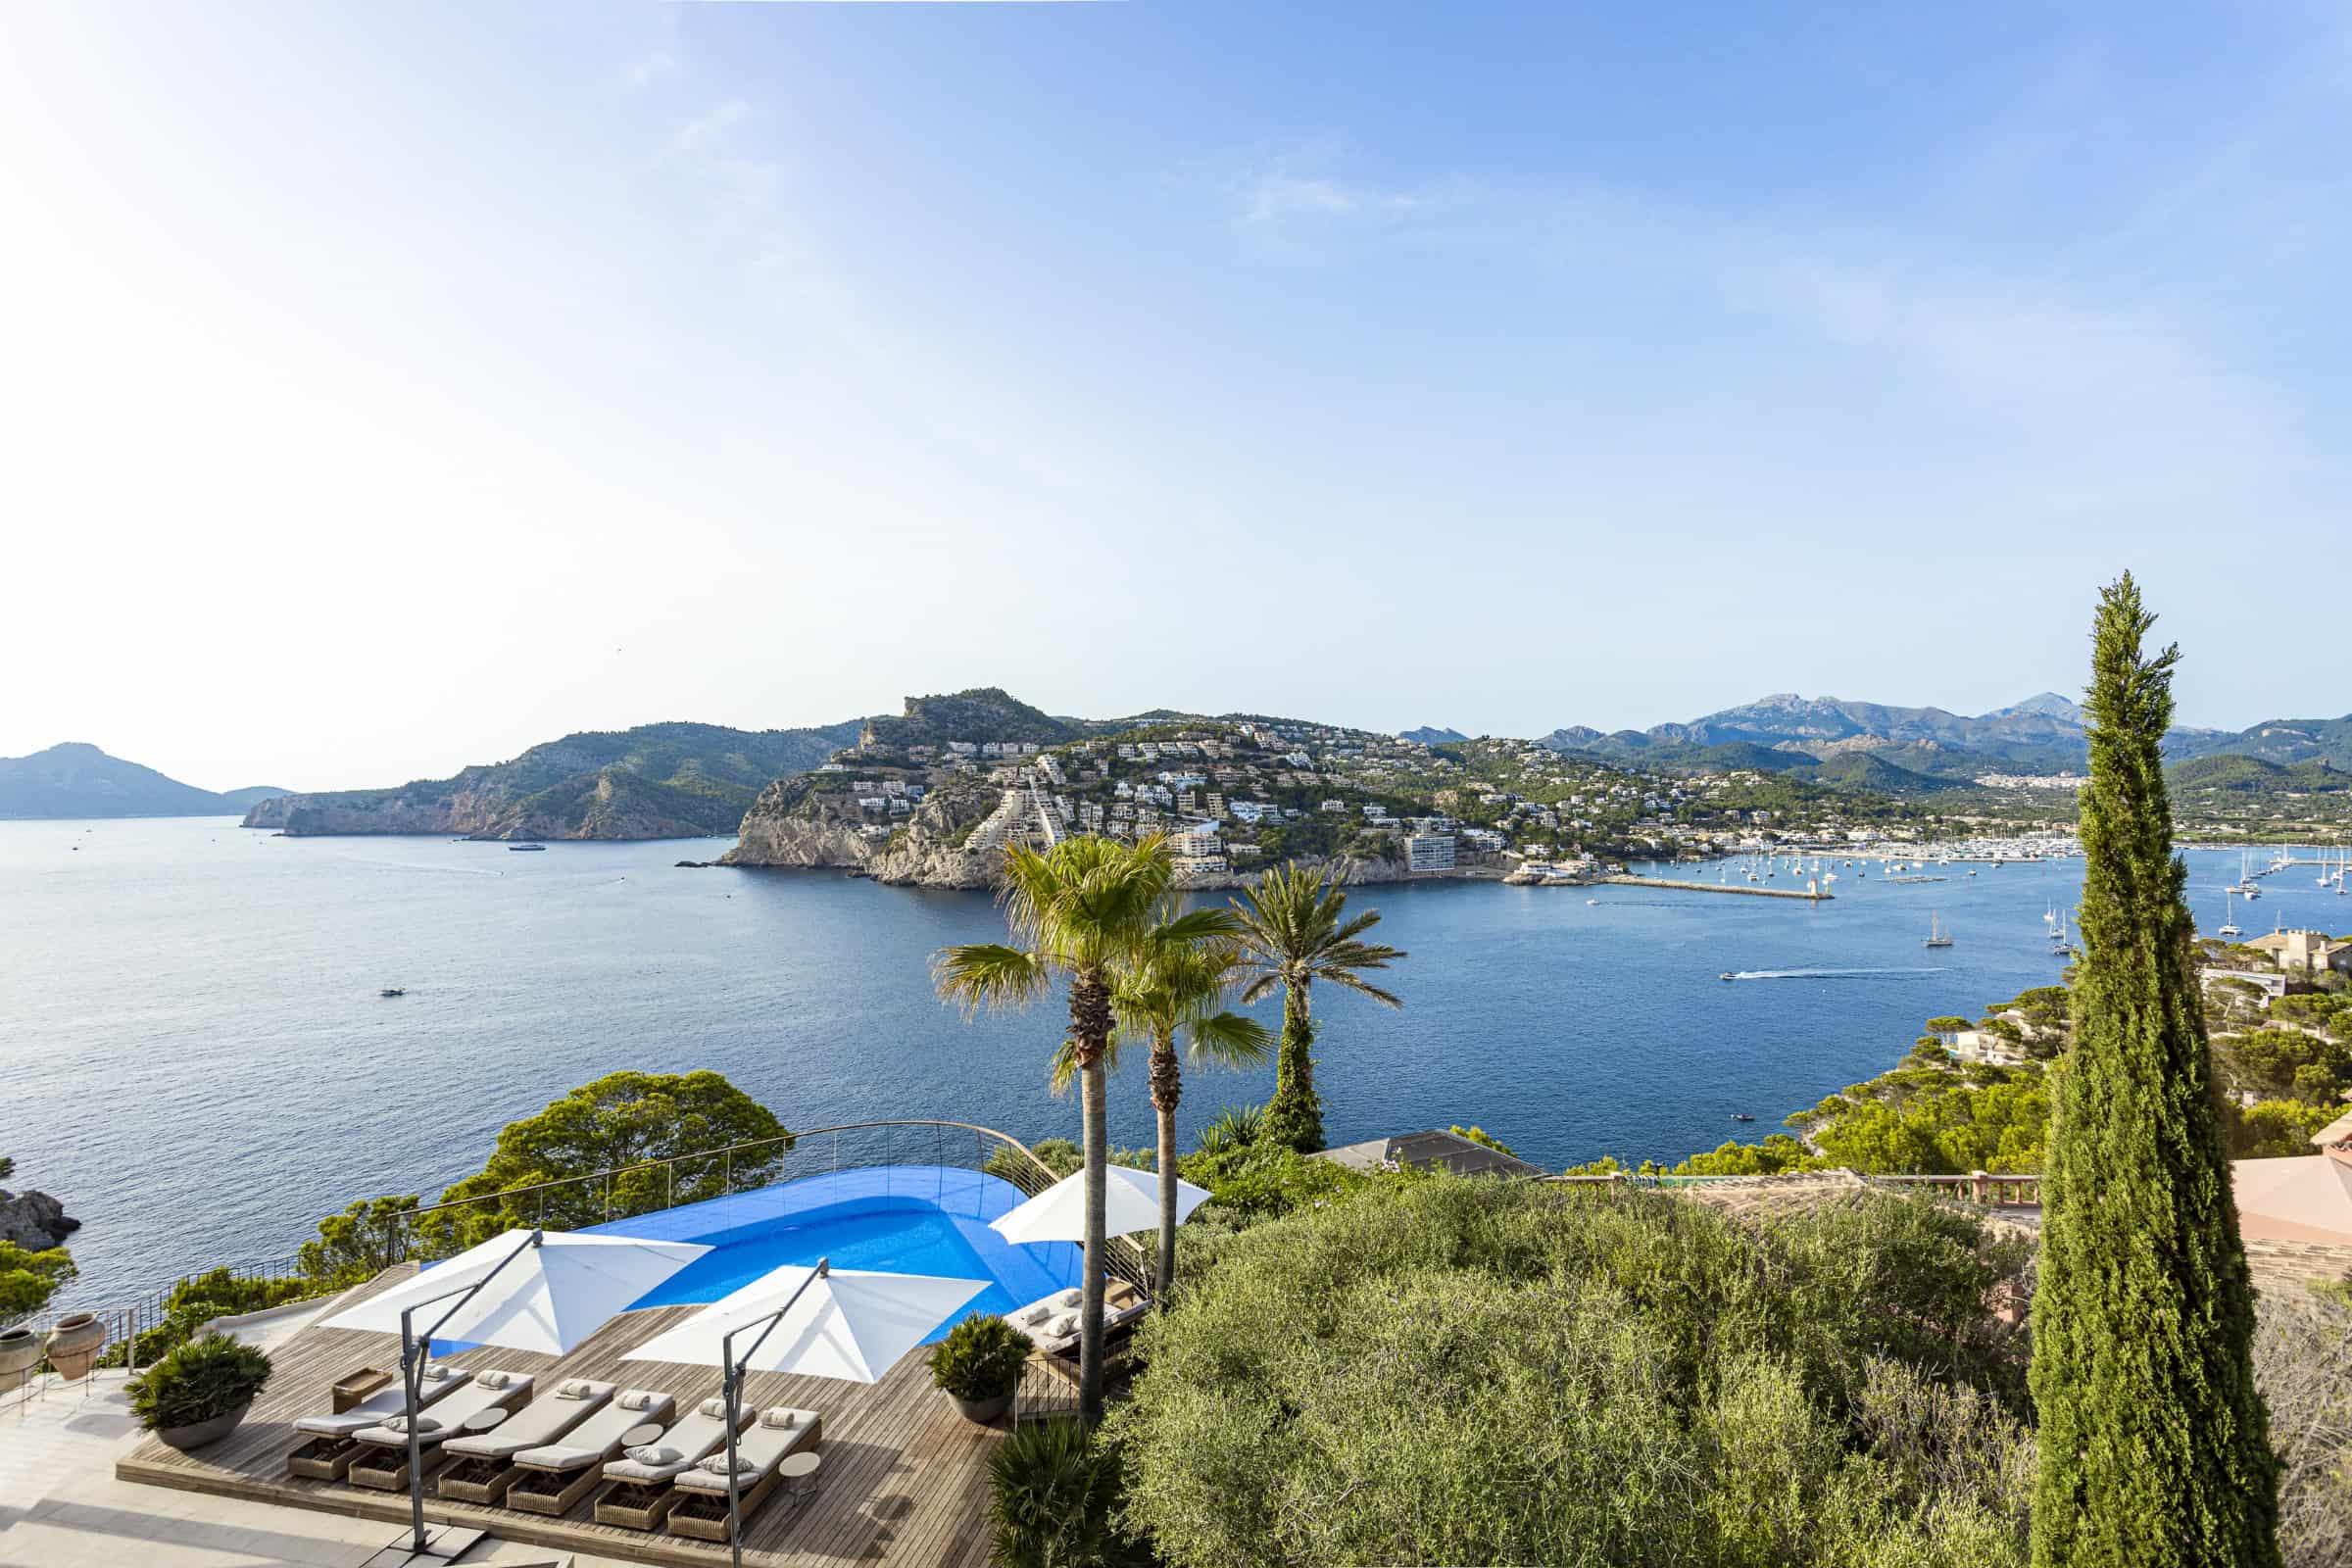 Villa Rental Mallorca - 6 Bedrooms - Balearic Bliss - Villa La Vista - Port Andratx